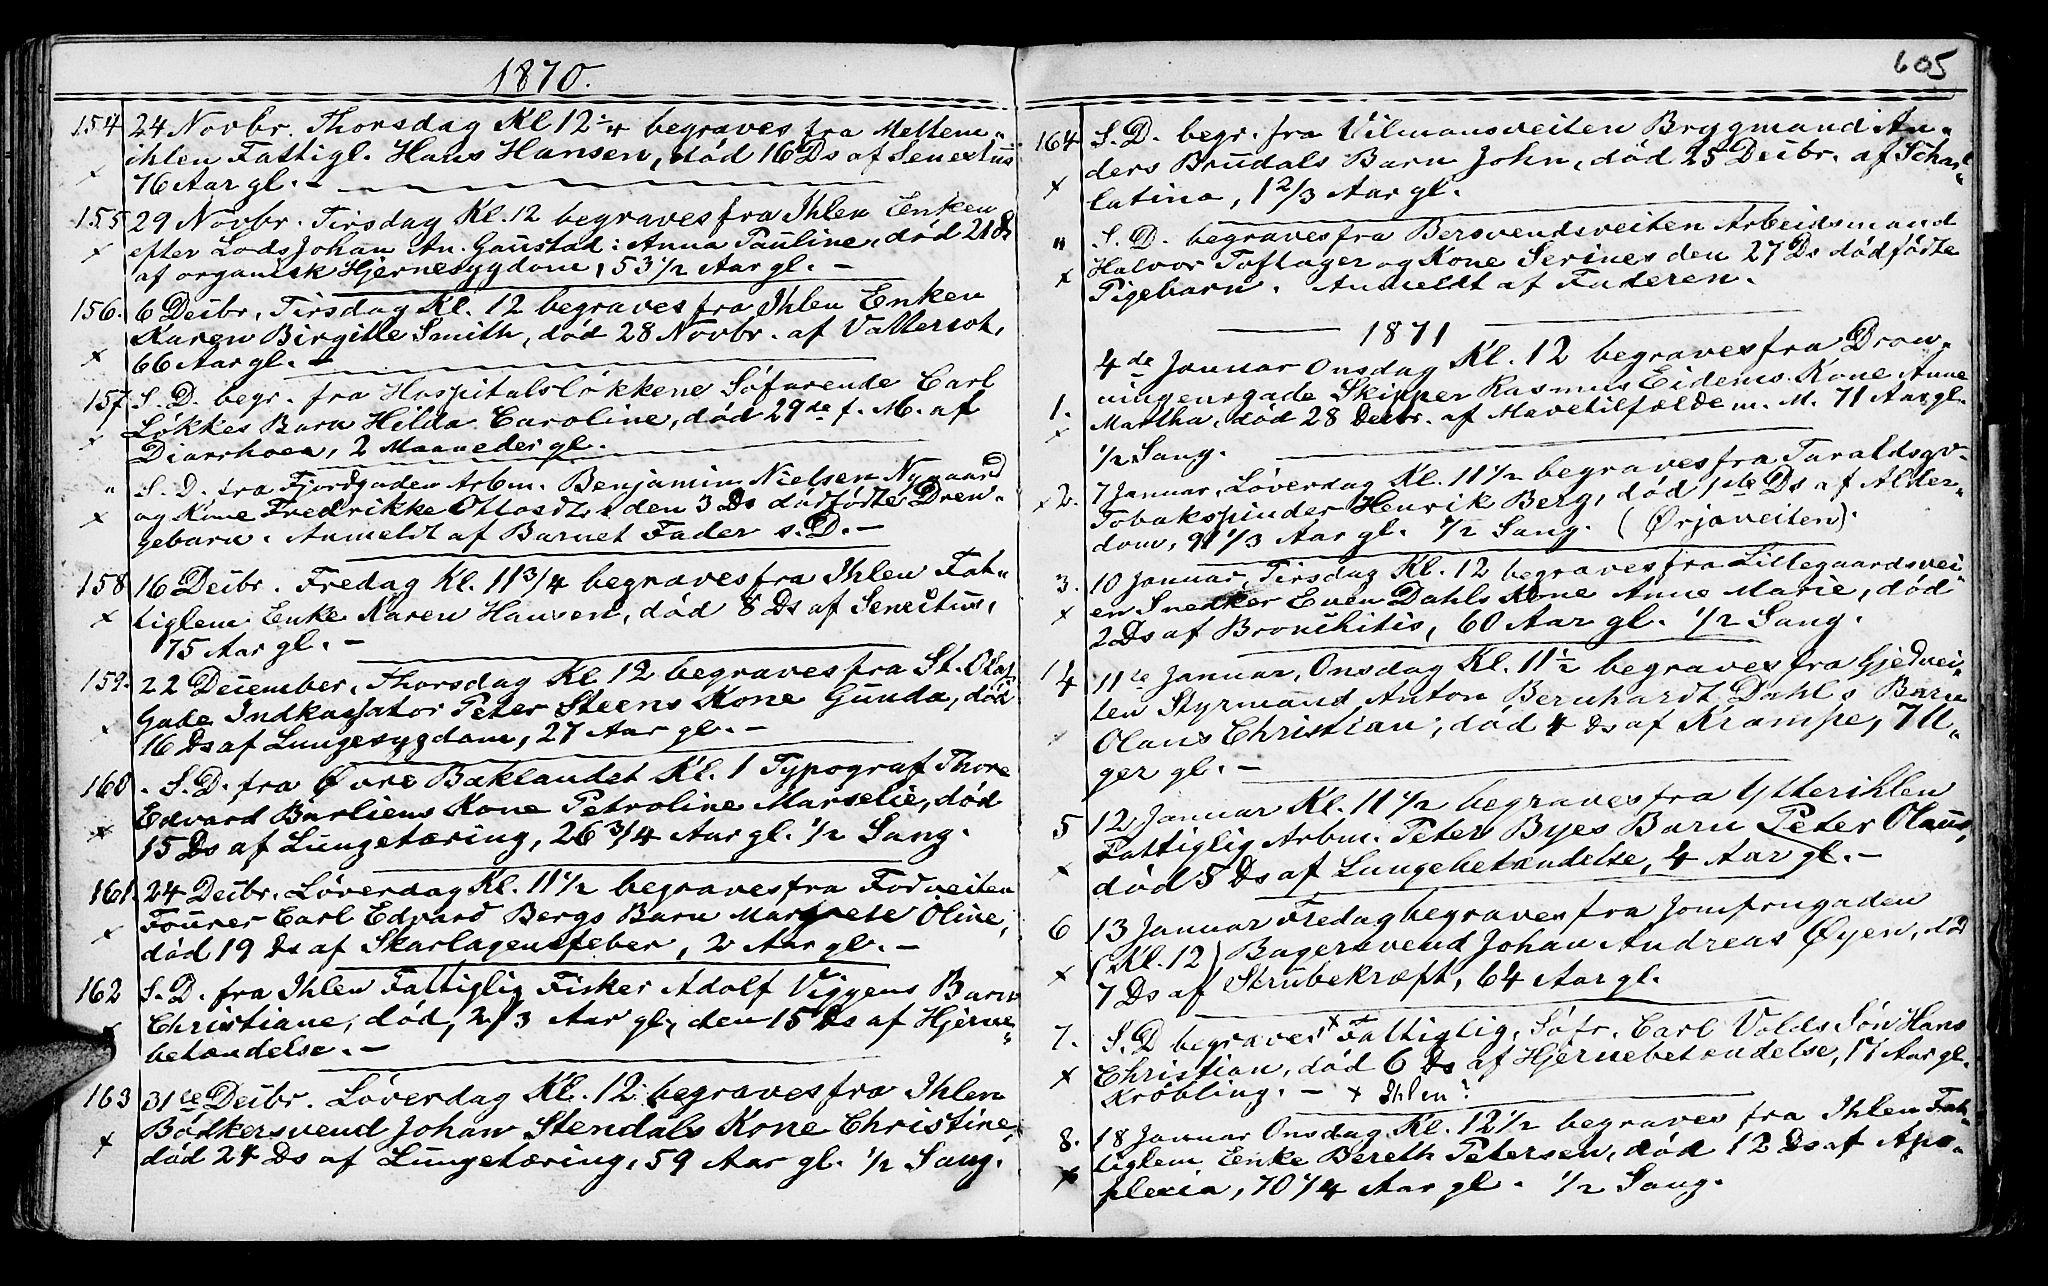 SAT, Ministerialprotokoller, klokkerbøker og fødselsregistre - Sør-Trøndelag, 602/L0140: Klokkerbok nr. 602C08, 1864-1872, s. 604-605